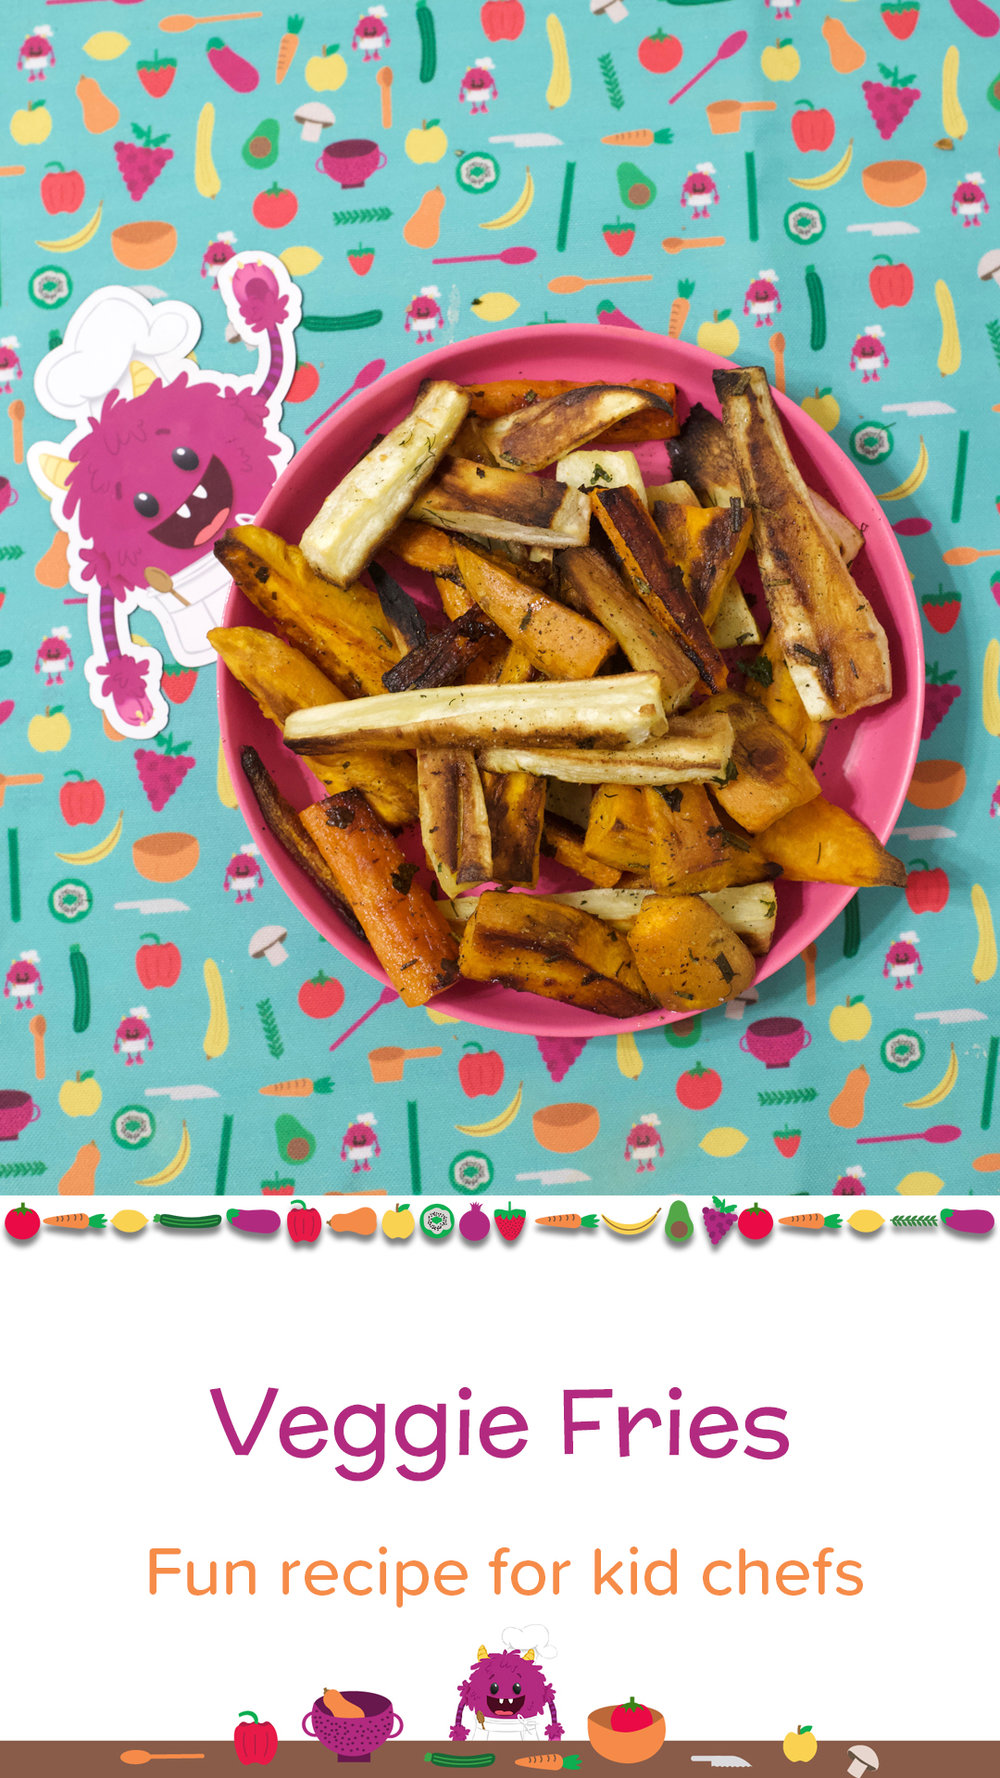 Pinterest Veggie Fries.jpg